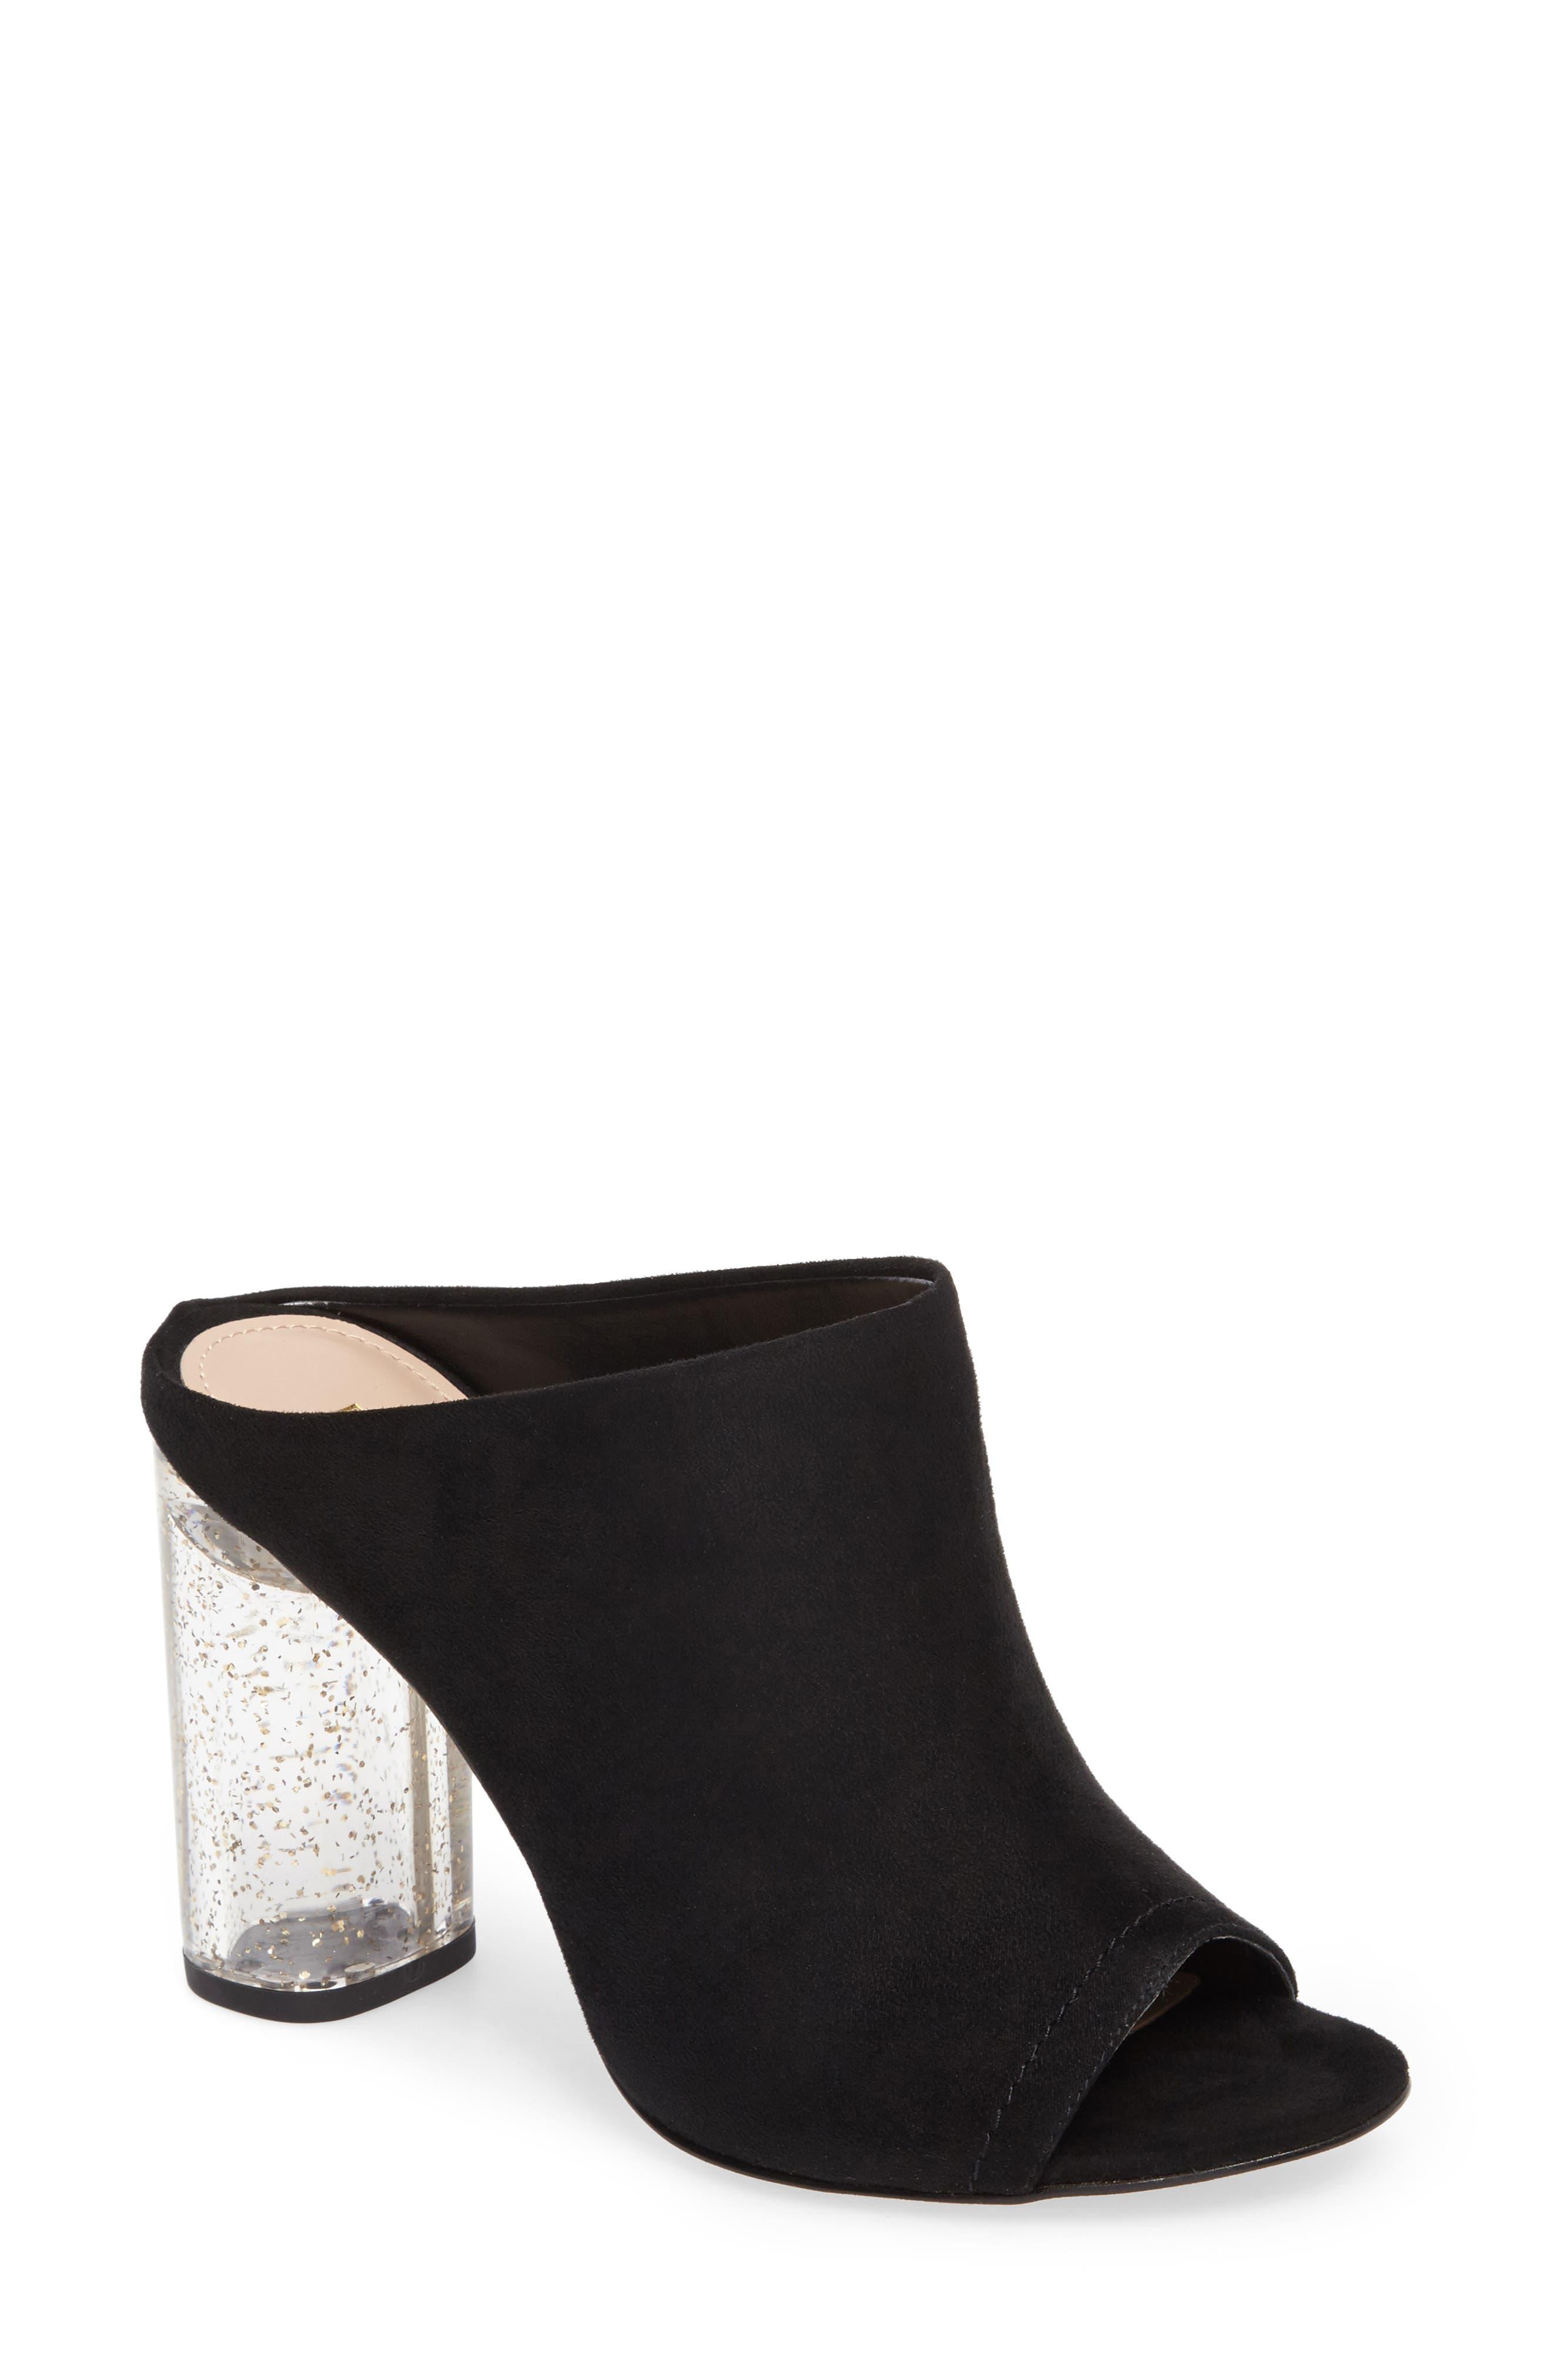 Renee Block Heel Mule,                         Main,                         color, Black Suede